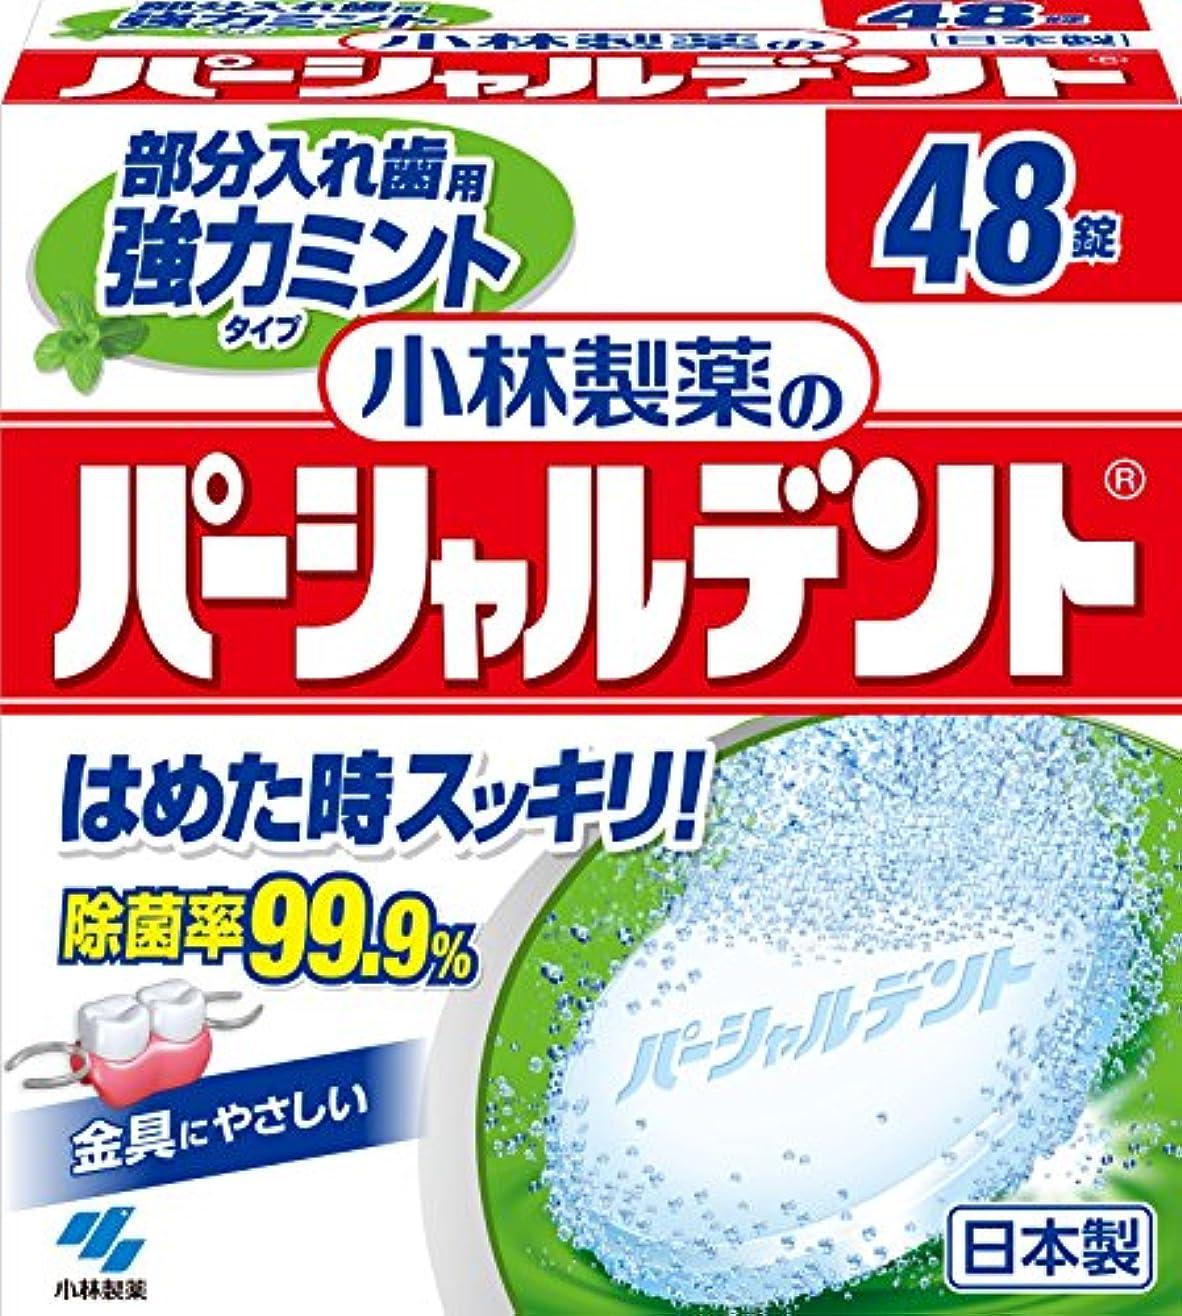 ペネロペ苦しみ丁寧小林製薬のパーシャルデント強力ミント 部分入れ歯用 洗浄剤 ミントの香り 48錠